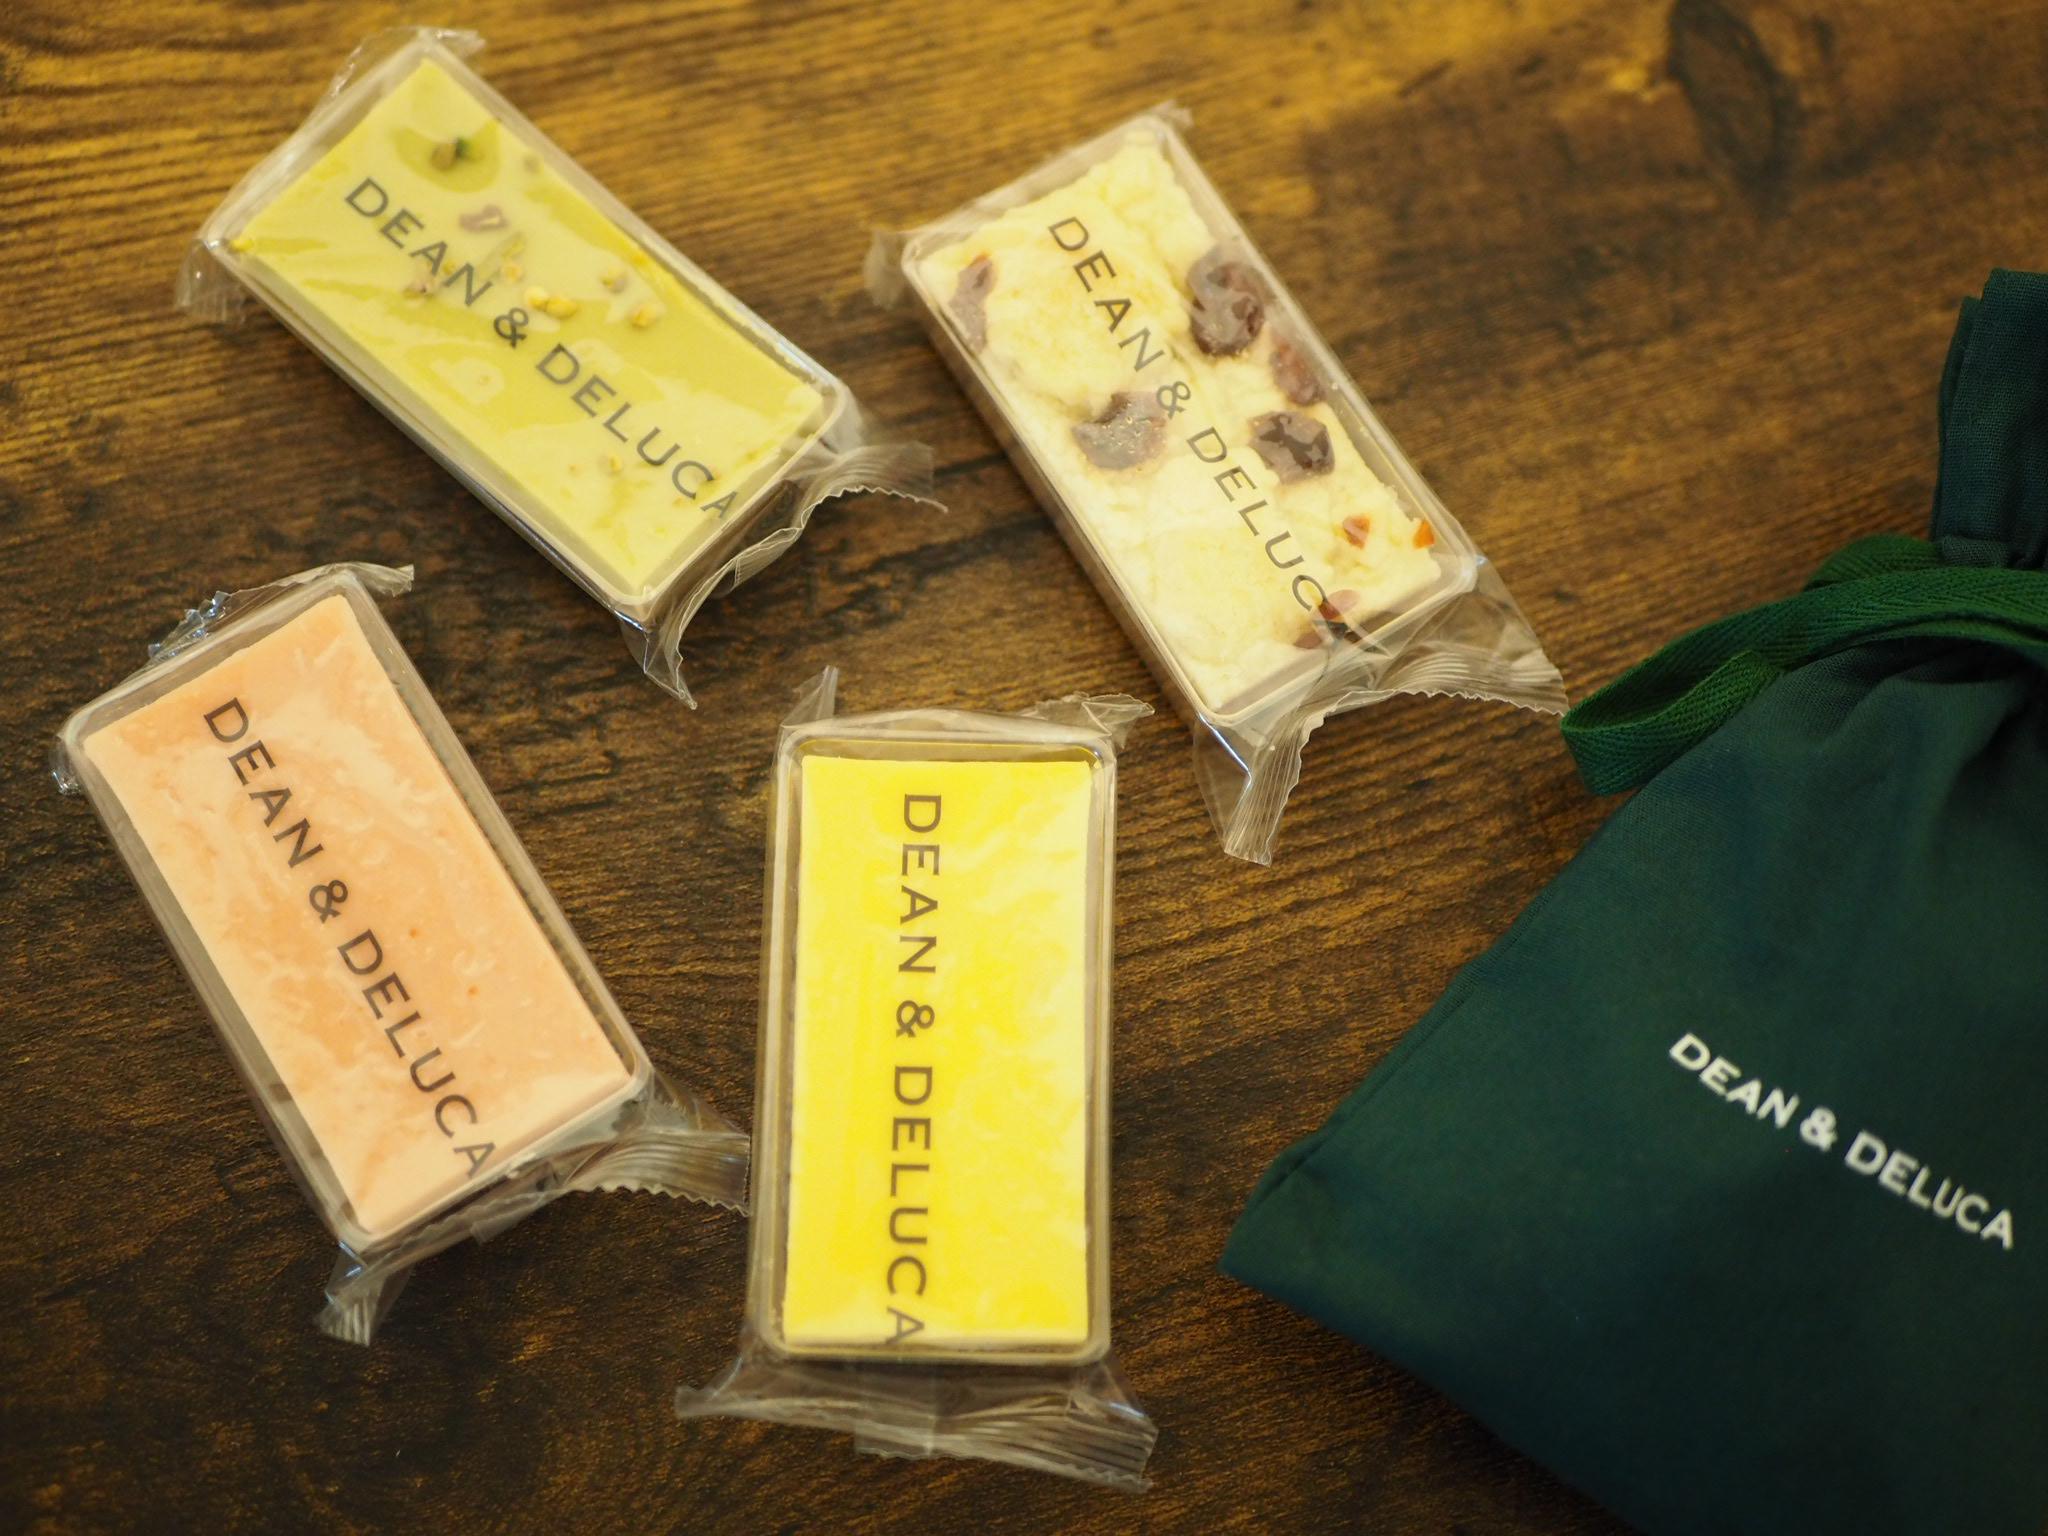 【DEAN & DELUCA】のお洒落で可愛いプチお菓子ギフト♡_5